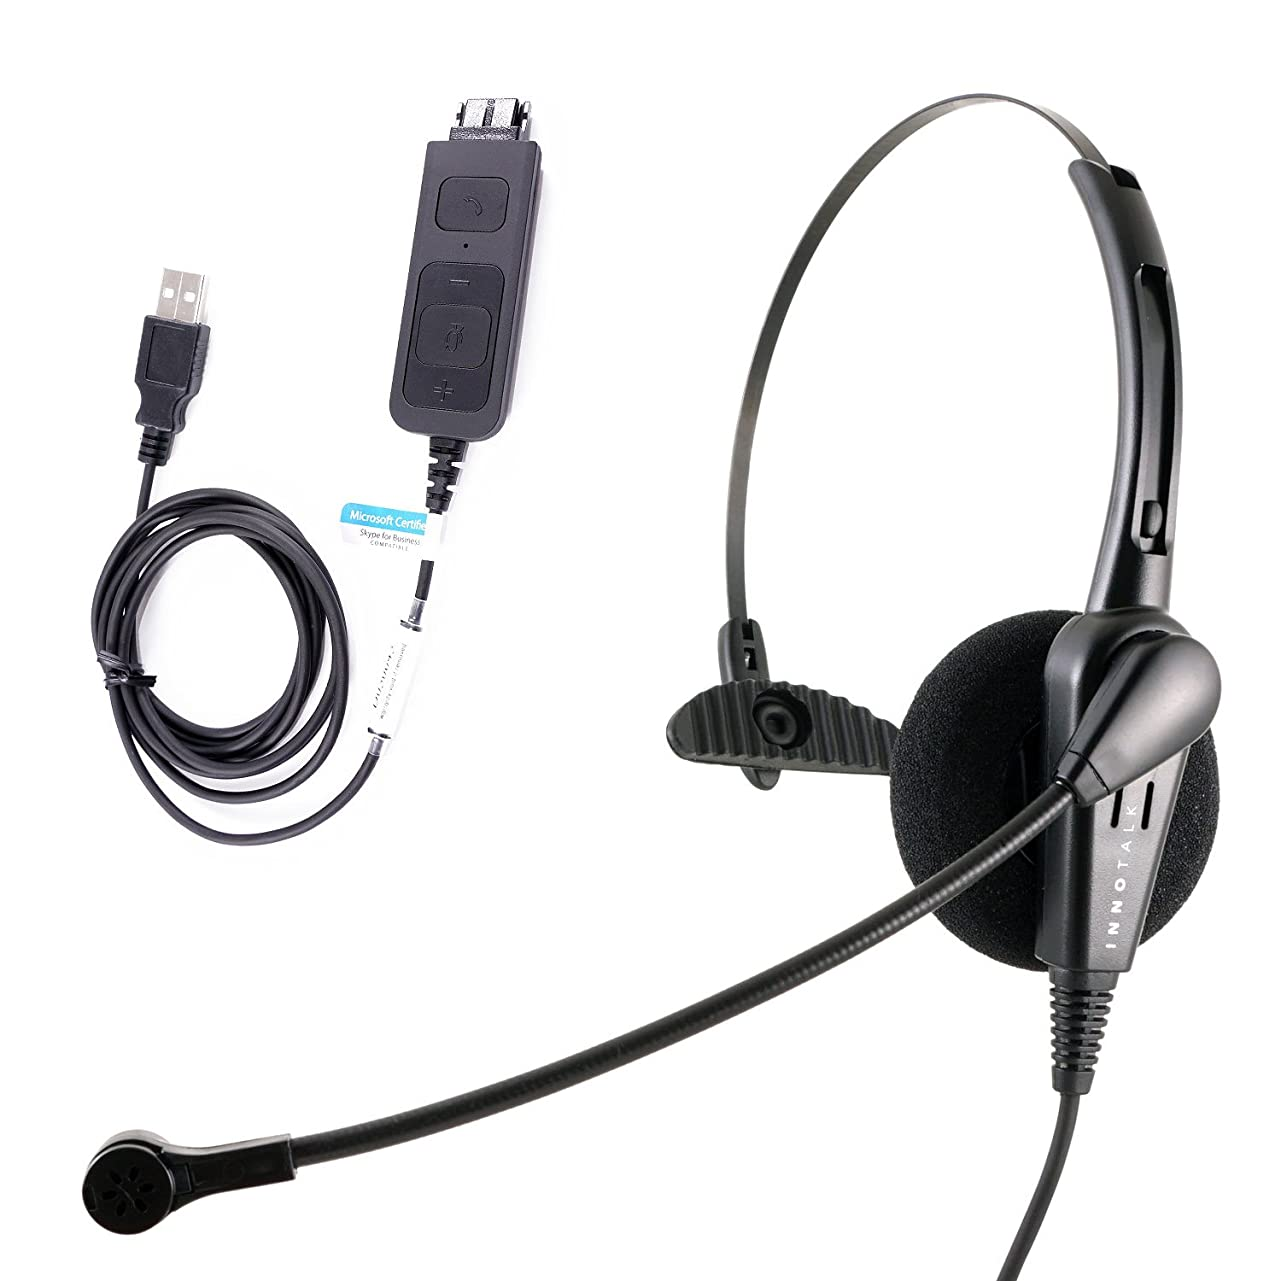 スコットランド人スピン帳面コスト効率Professional USBコンピュータのPCのVoIP Softphone用のヘッドセット、耐久性コールセンターヘッドセット、JABRA互換QD